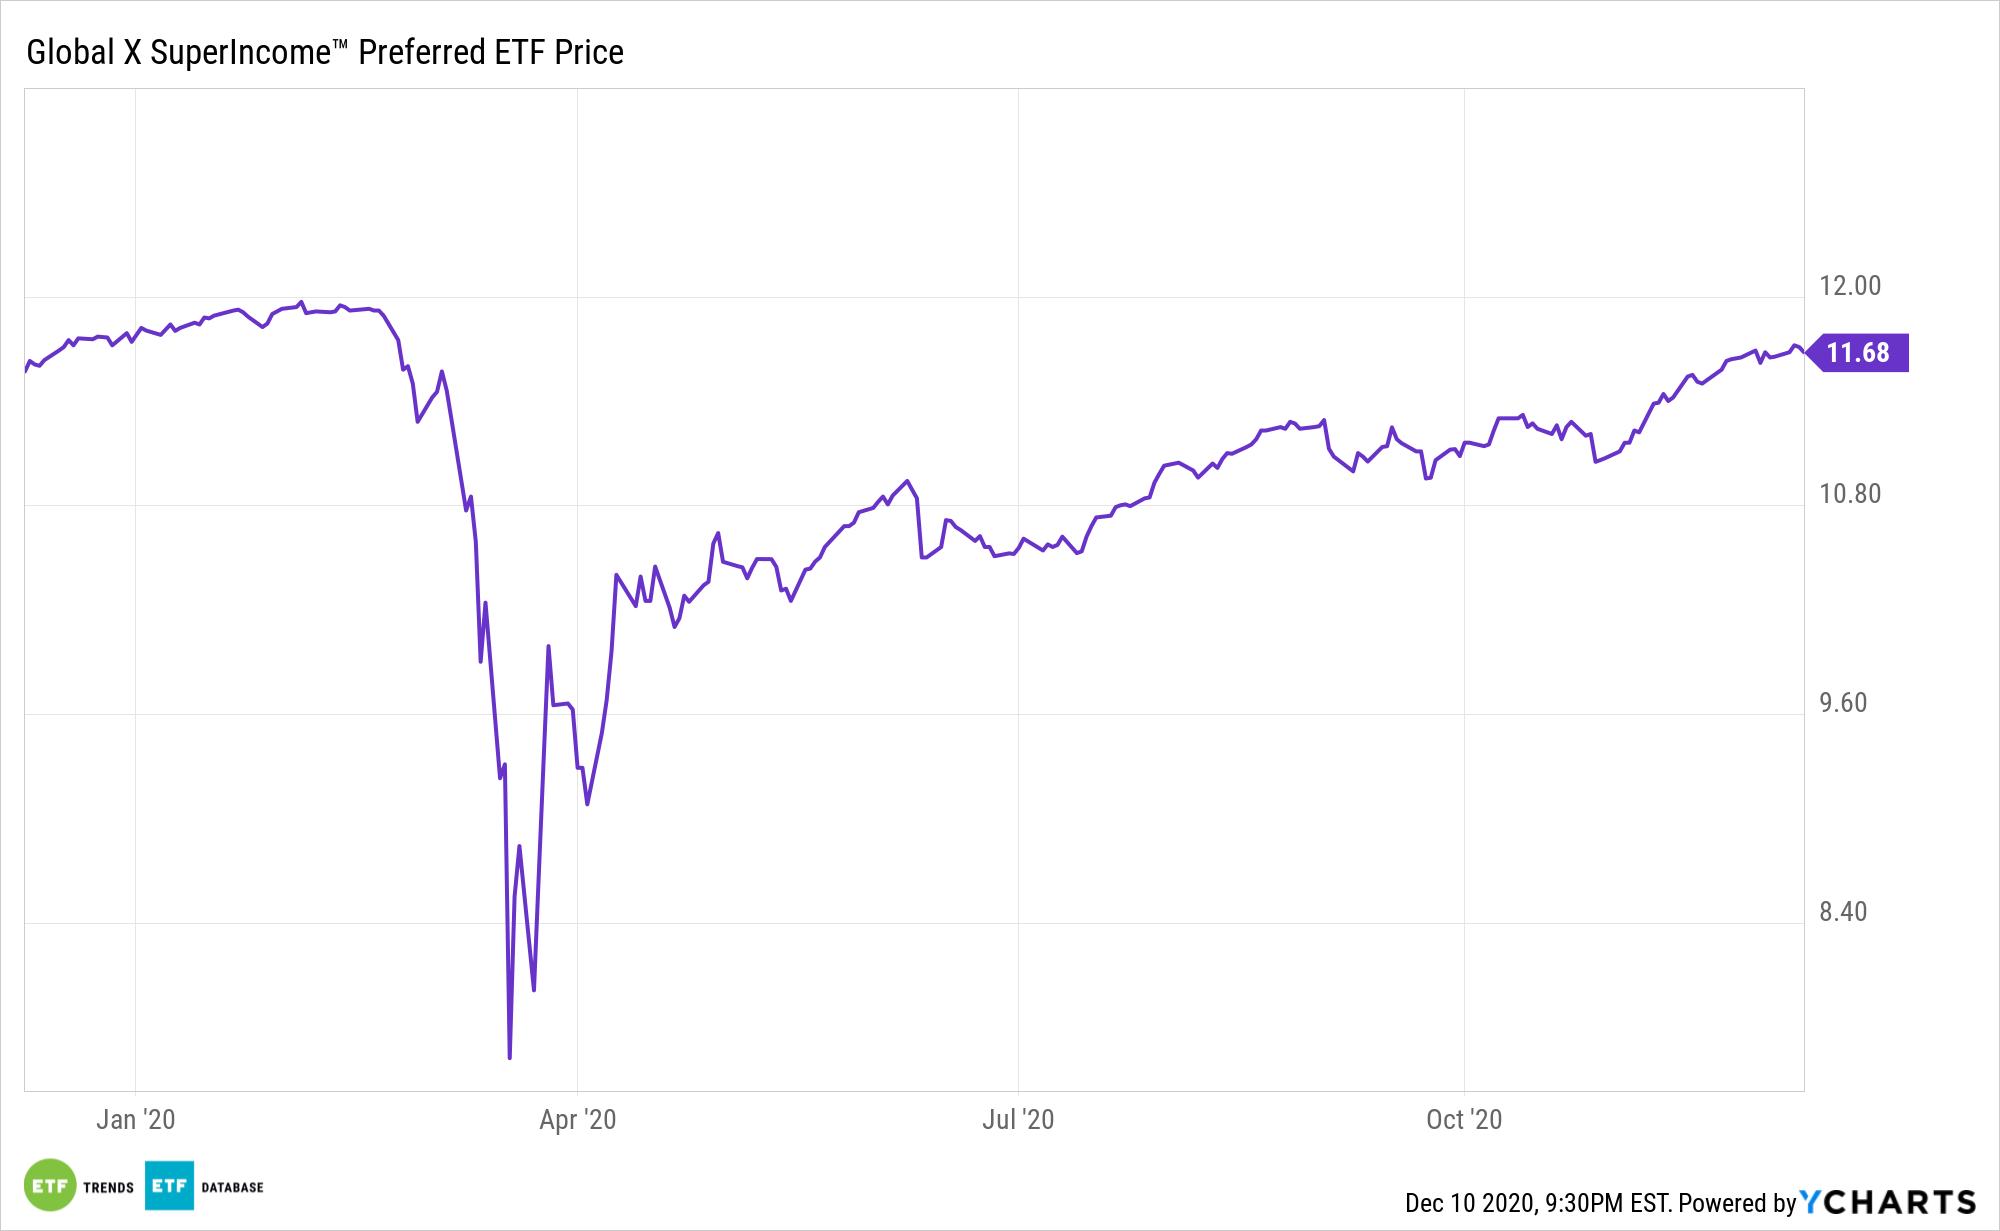 SPFF Chart